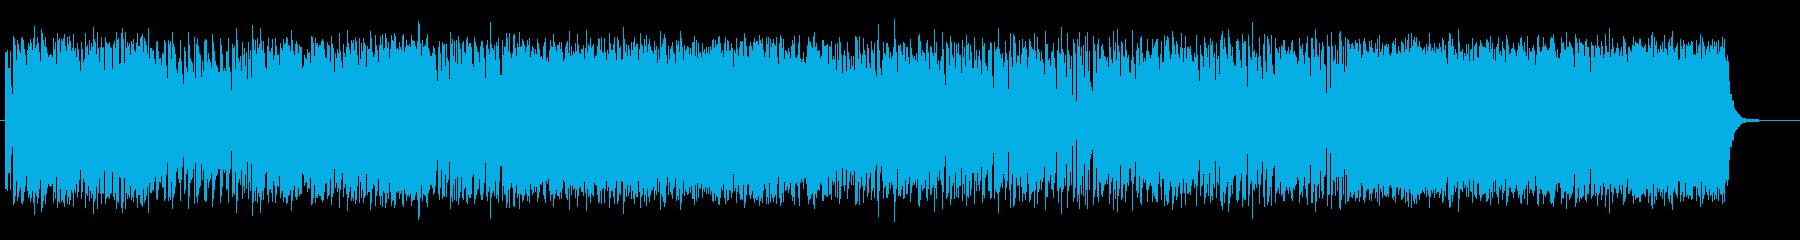 感動的なミディアムテンポのポップスの再生済みの波形